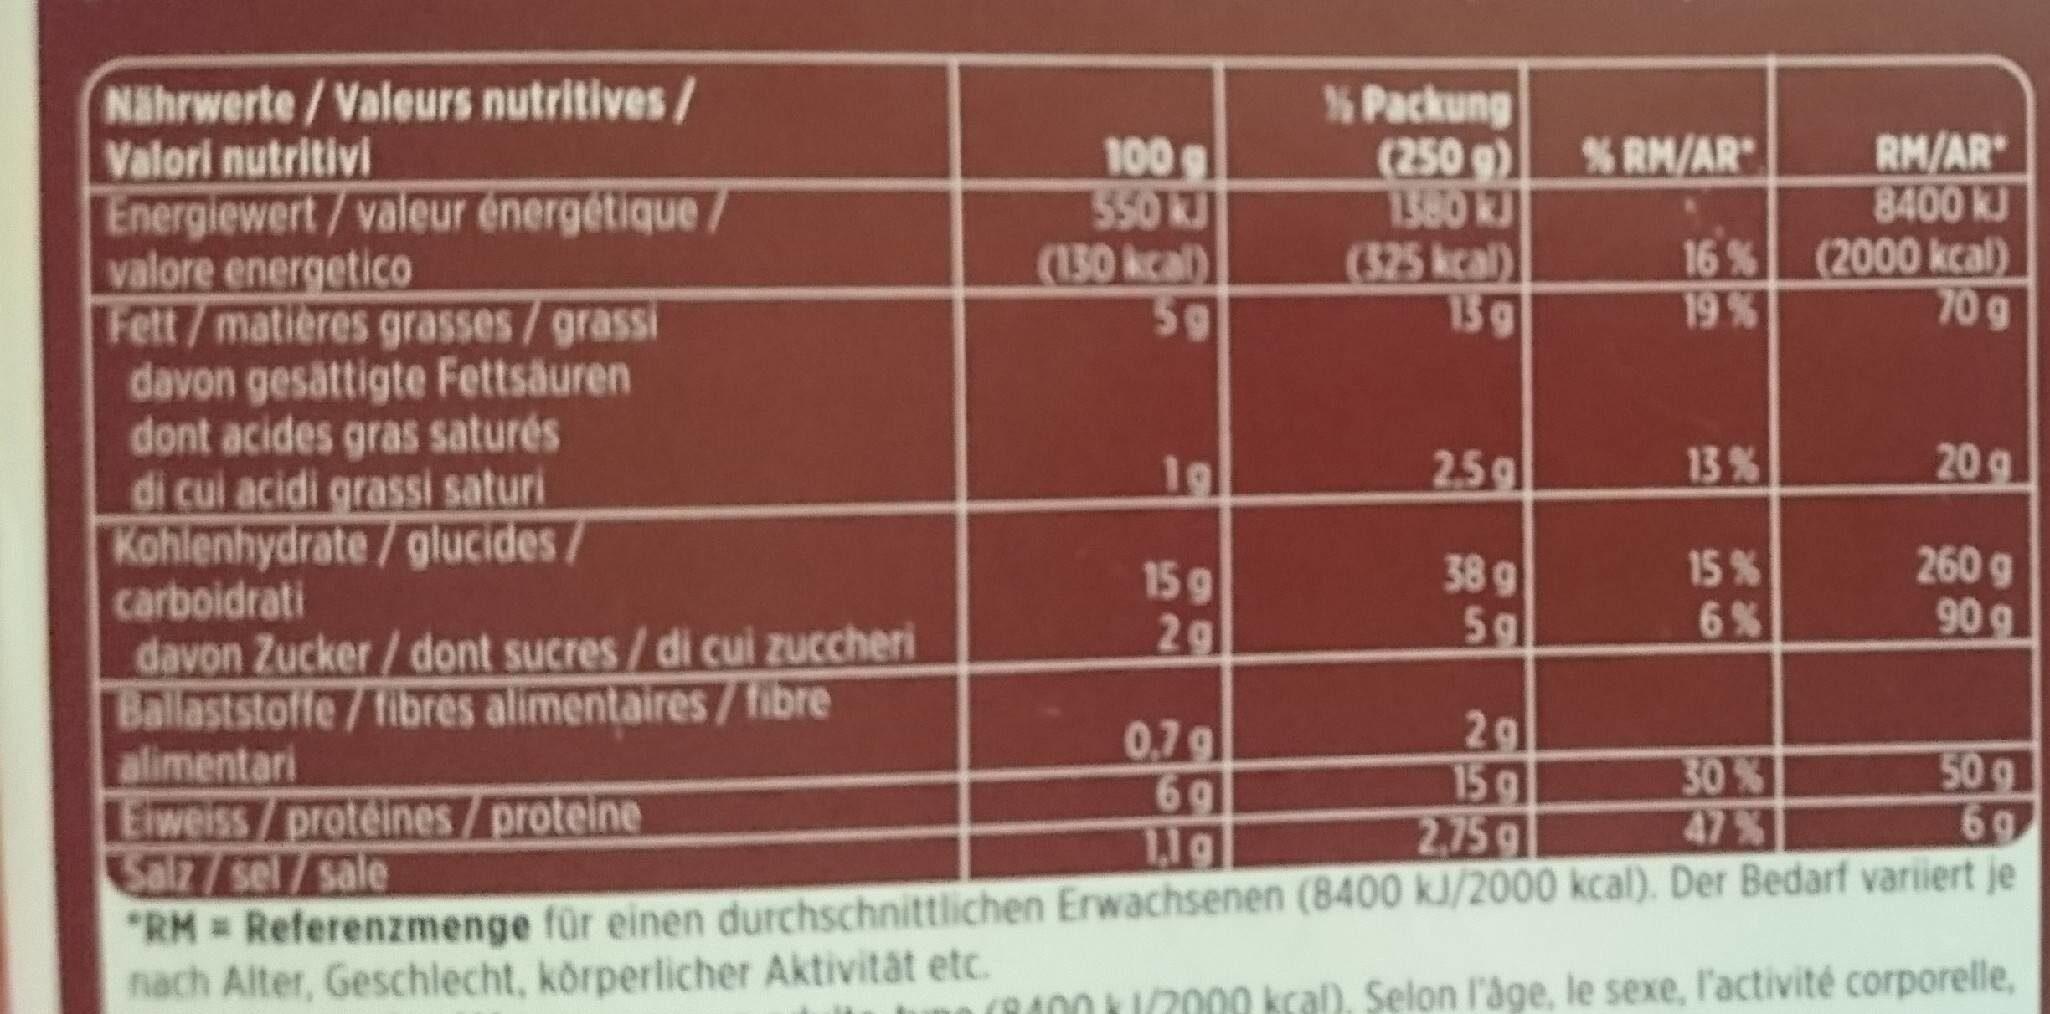 Lasagne verdi alla bolognese - Valori nutrizionali - it